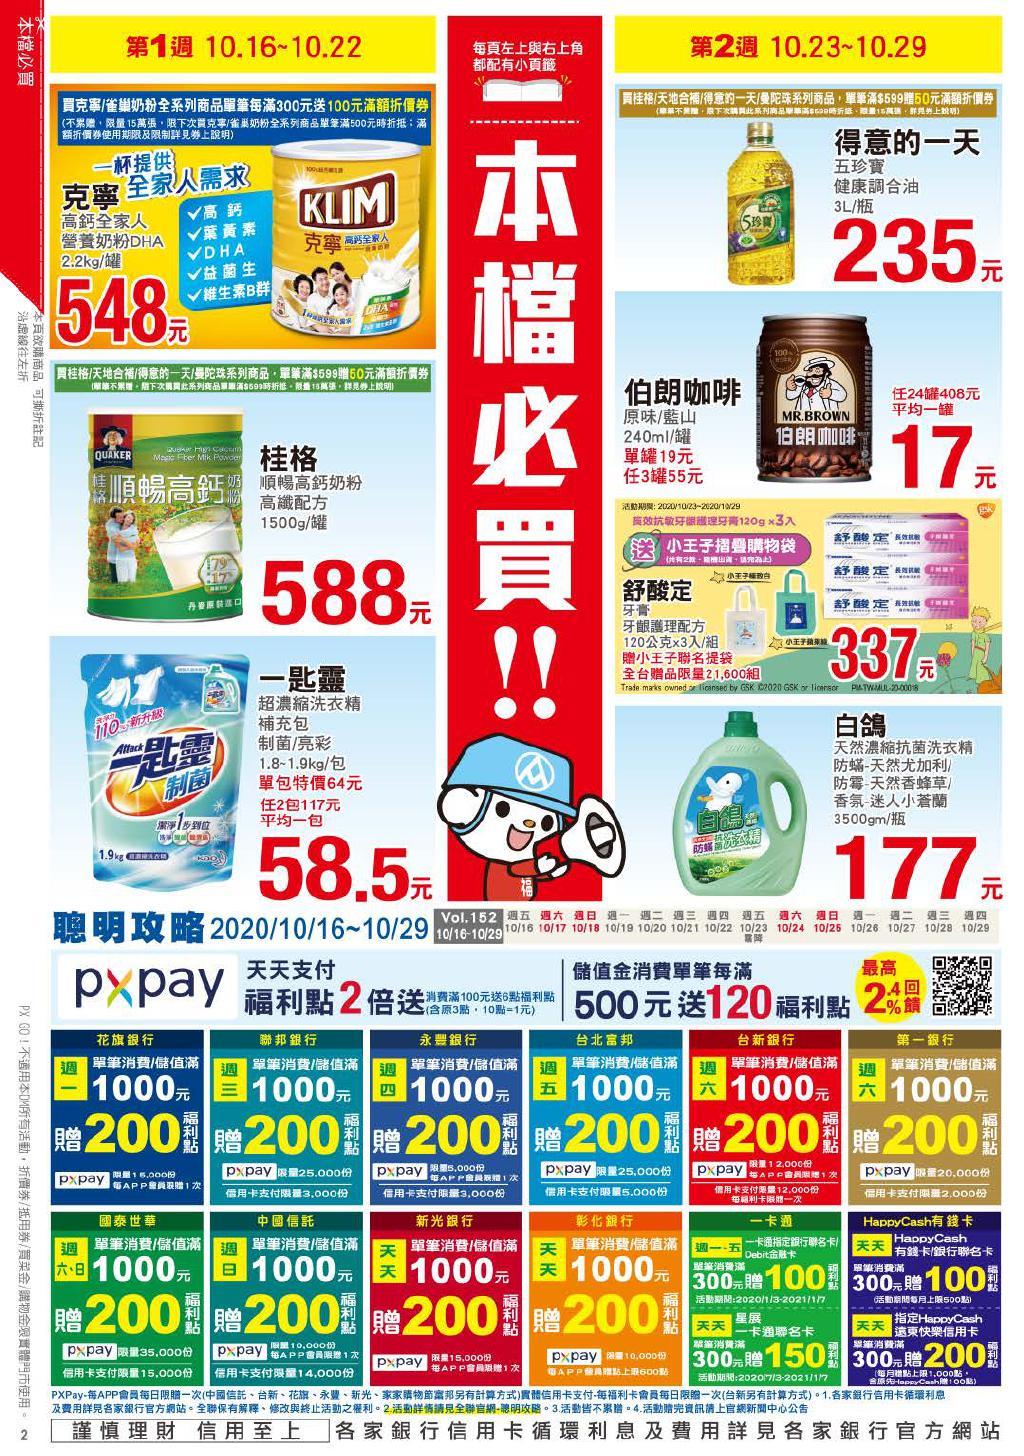 pxmart20201029_000002.jpg